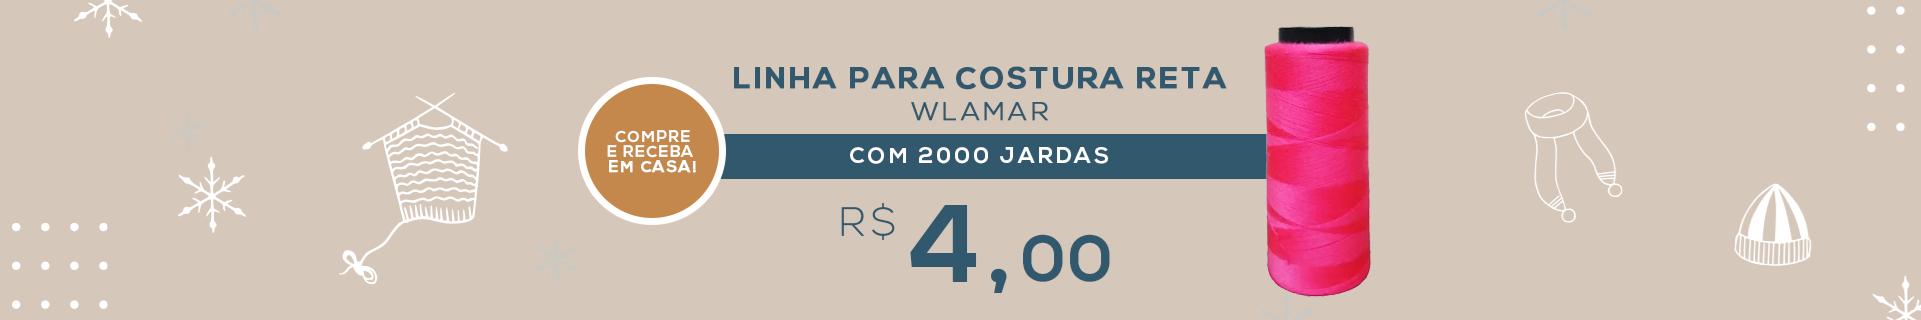 LINHA PARA COSTURA RETA WLAMAR 120 COM 2000 JARDAS